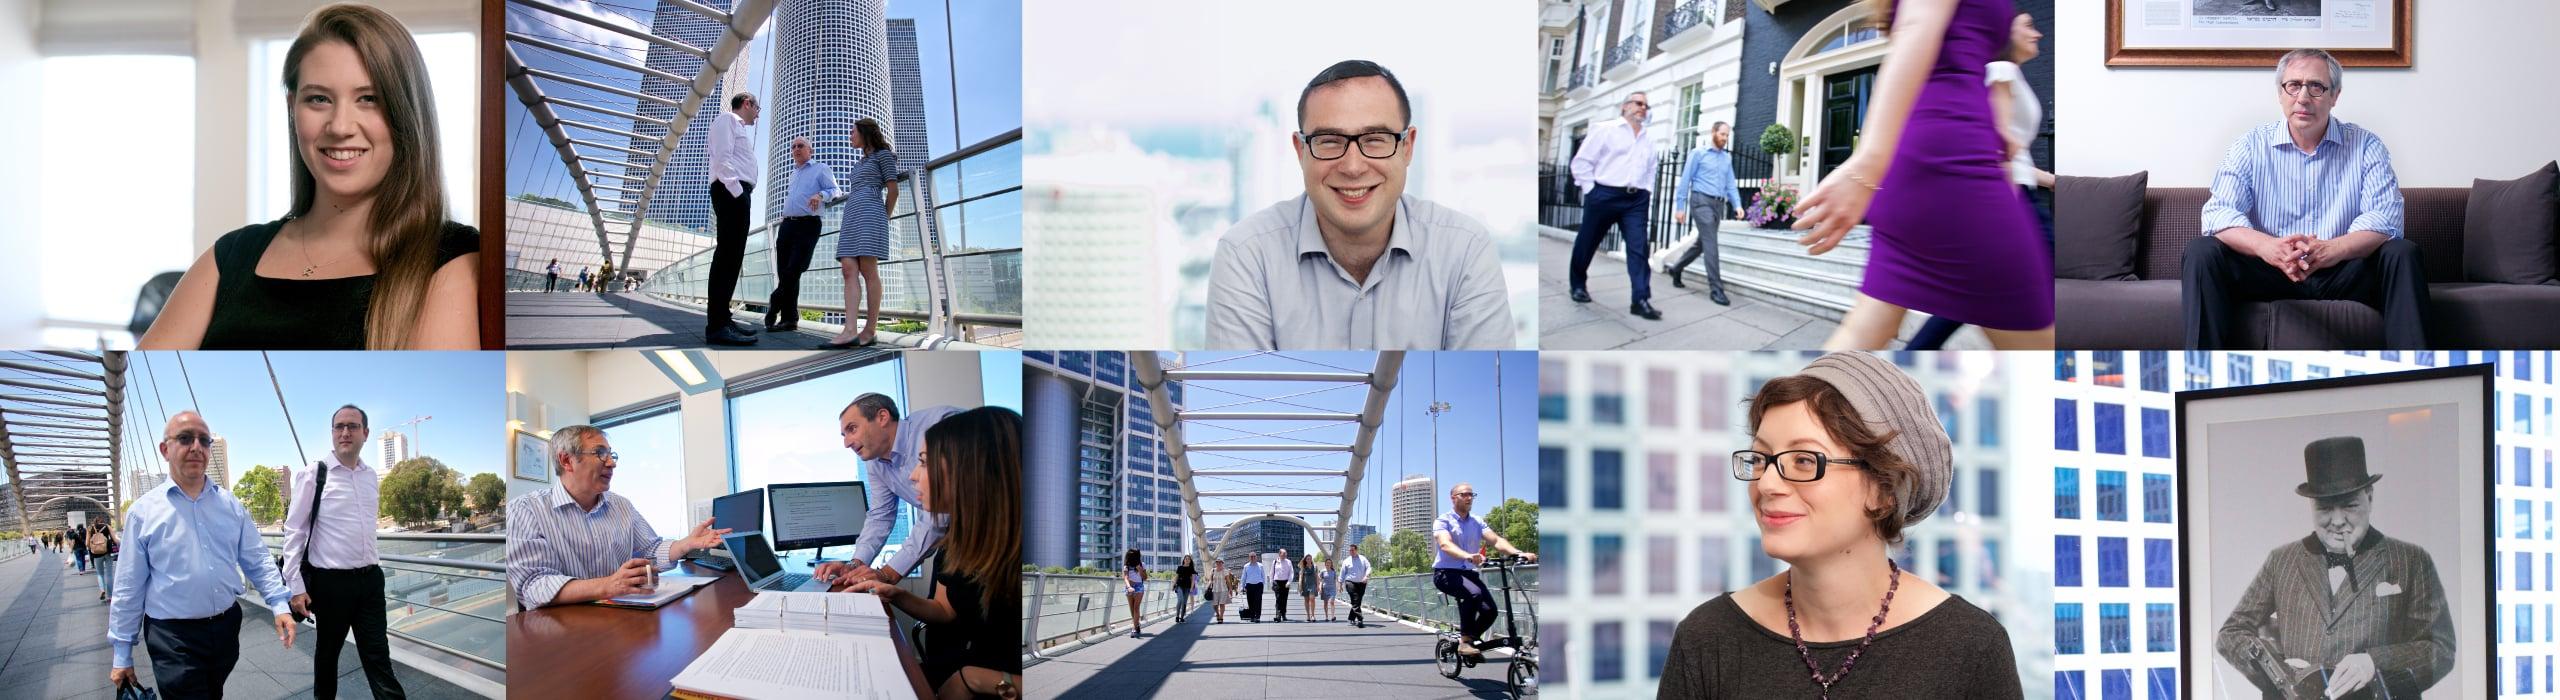 Asserson - natie-asserson-collage-team - Natie Branding Agency